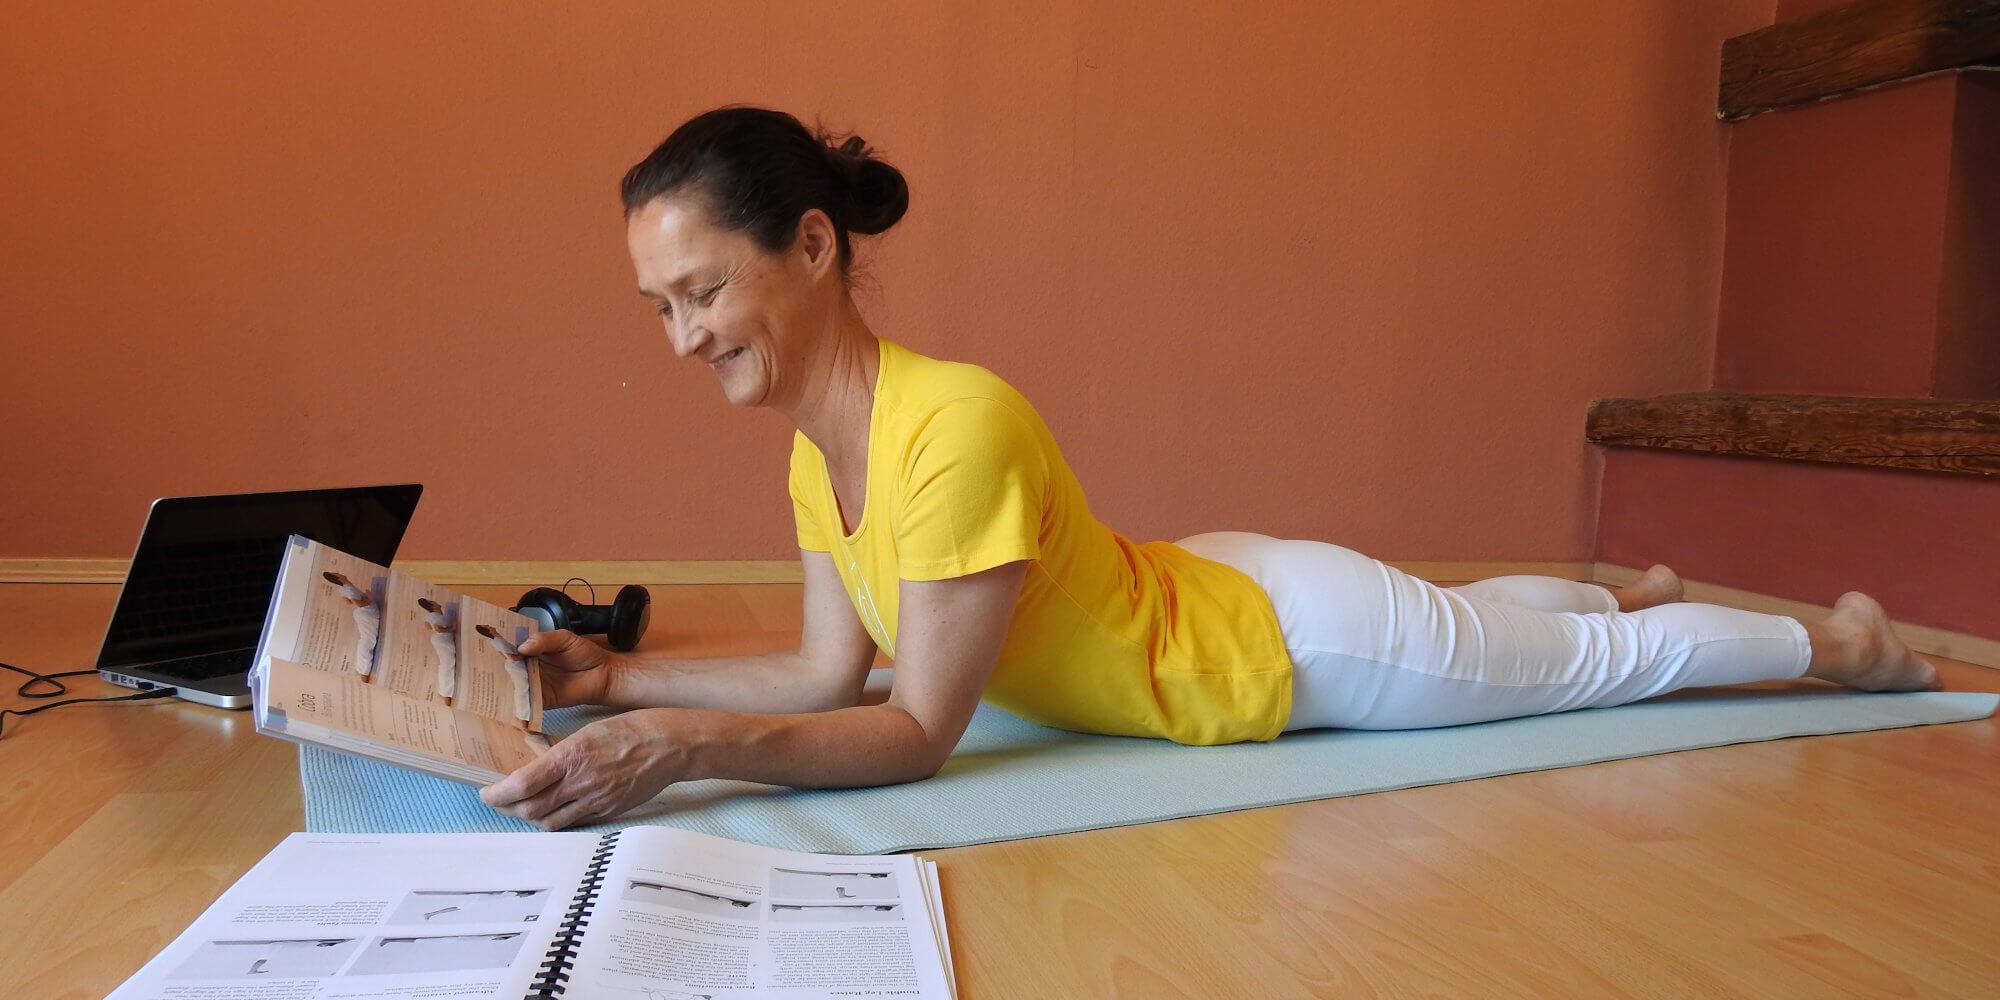 Formación de profesor de yoga online